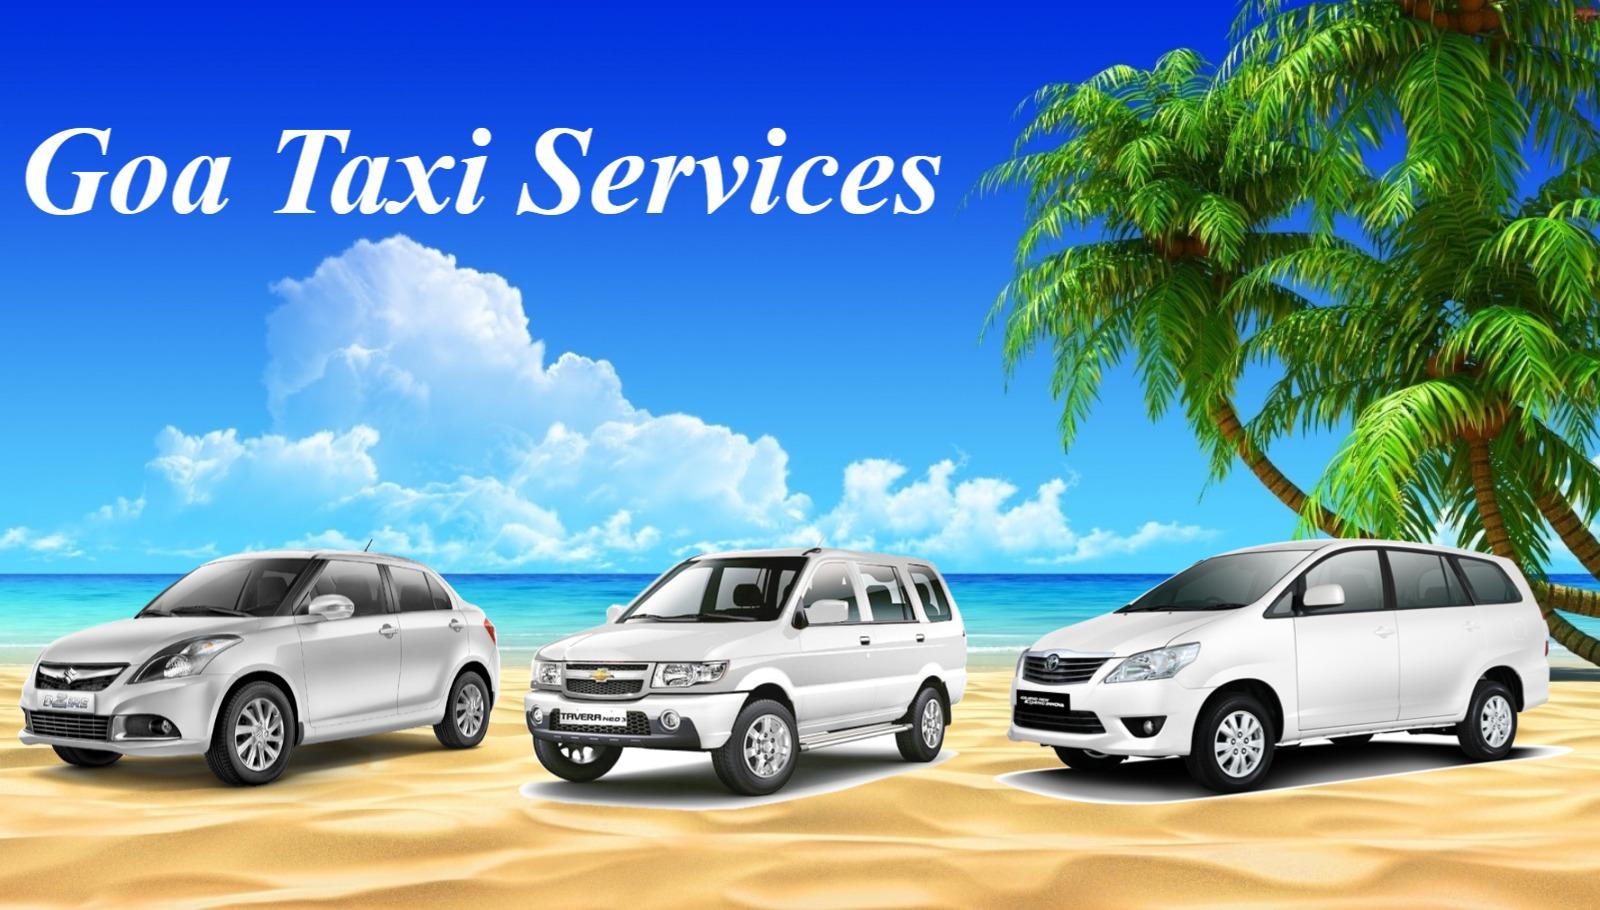 Goa Taxi Services